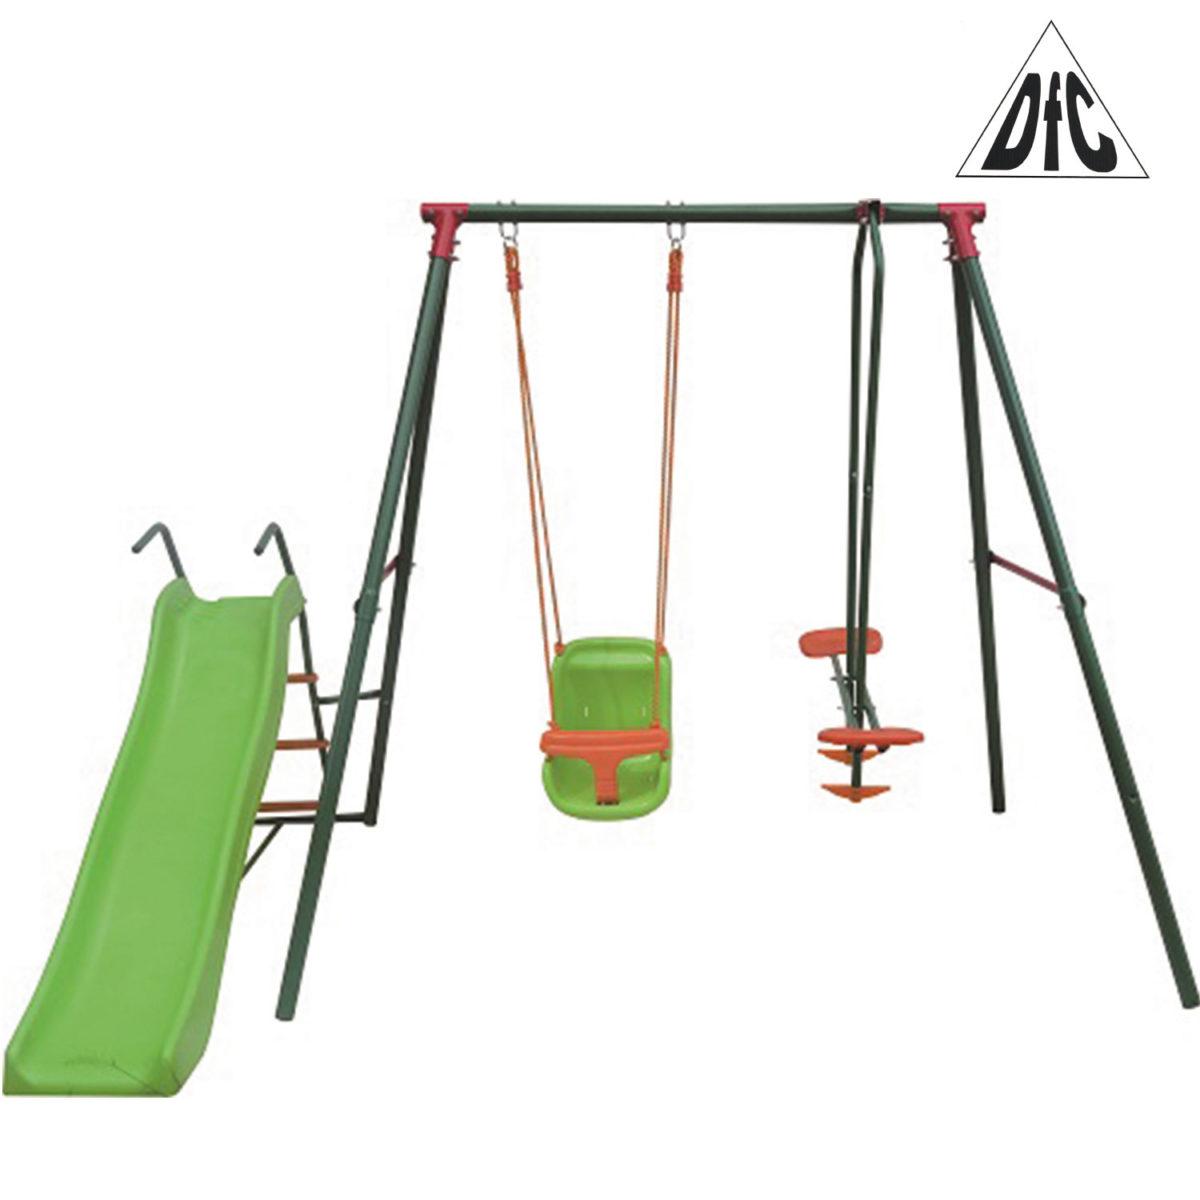 Детский комплекс DFC GBN-02-арт-GBN-02-